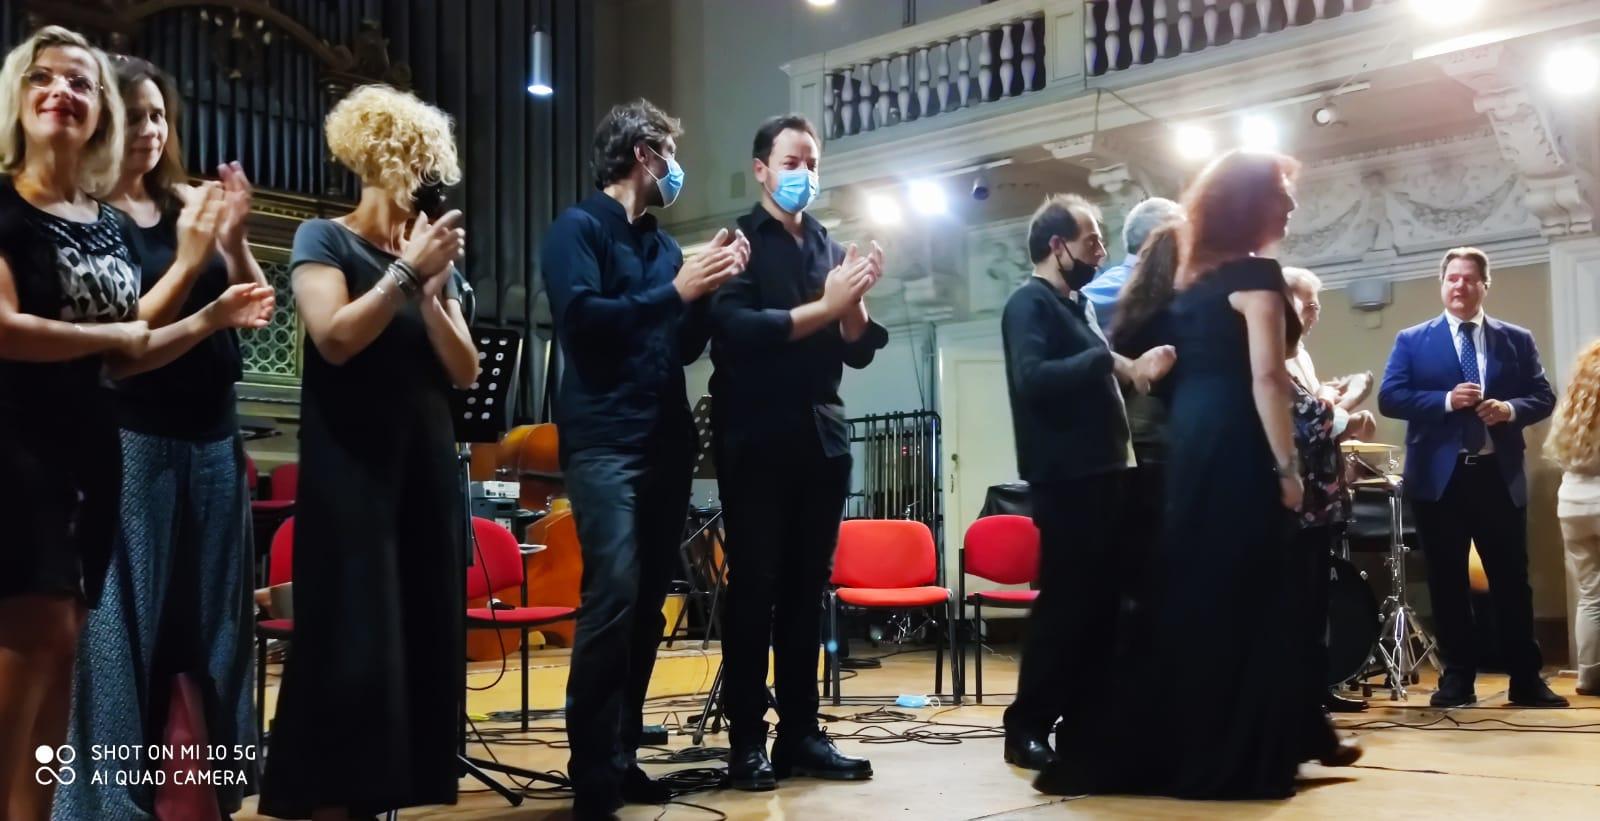 concerto santa cecilia i suoni del mediterraneo